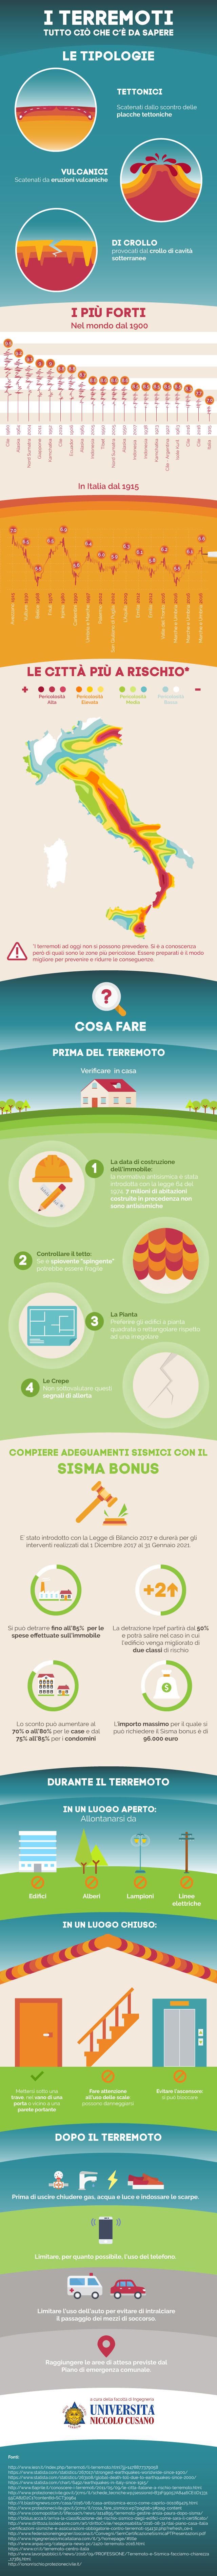 Terremoto: come adeguare la propria casa nell'infografica di Unicusano